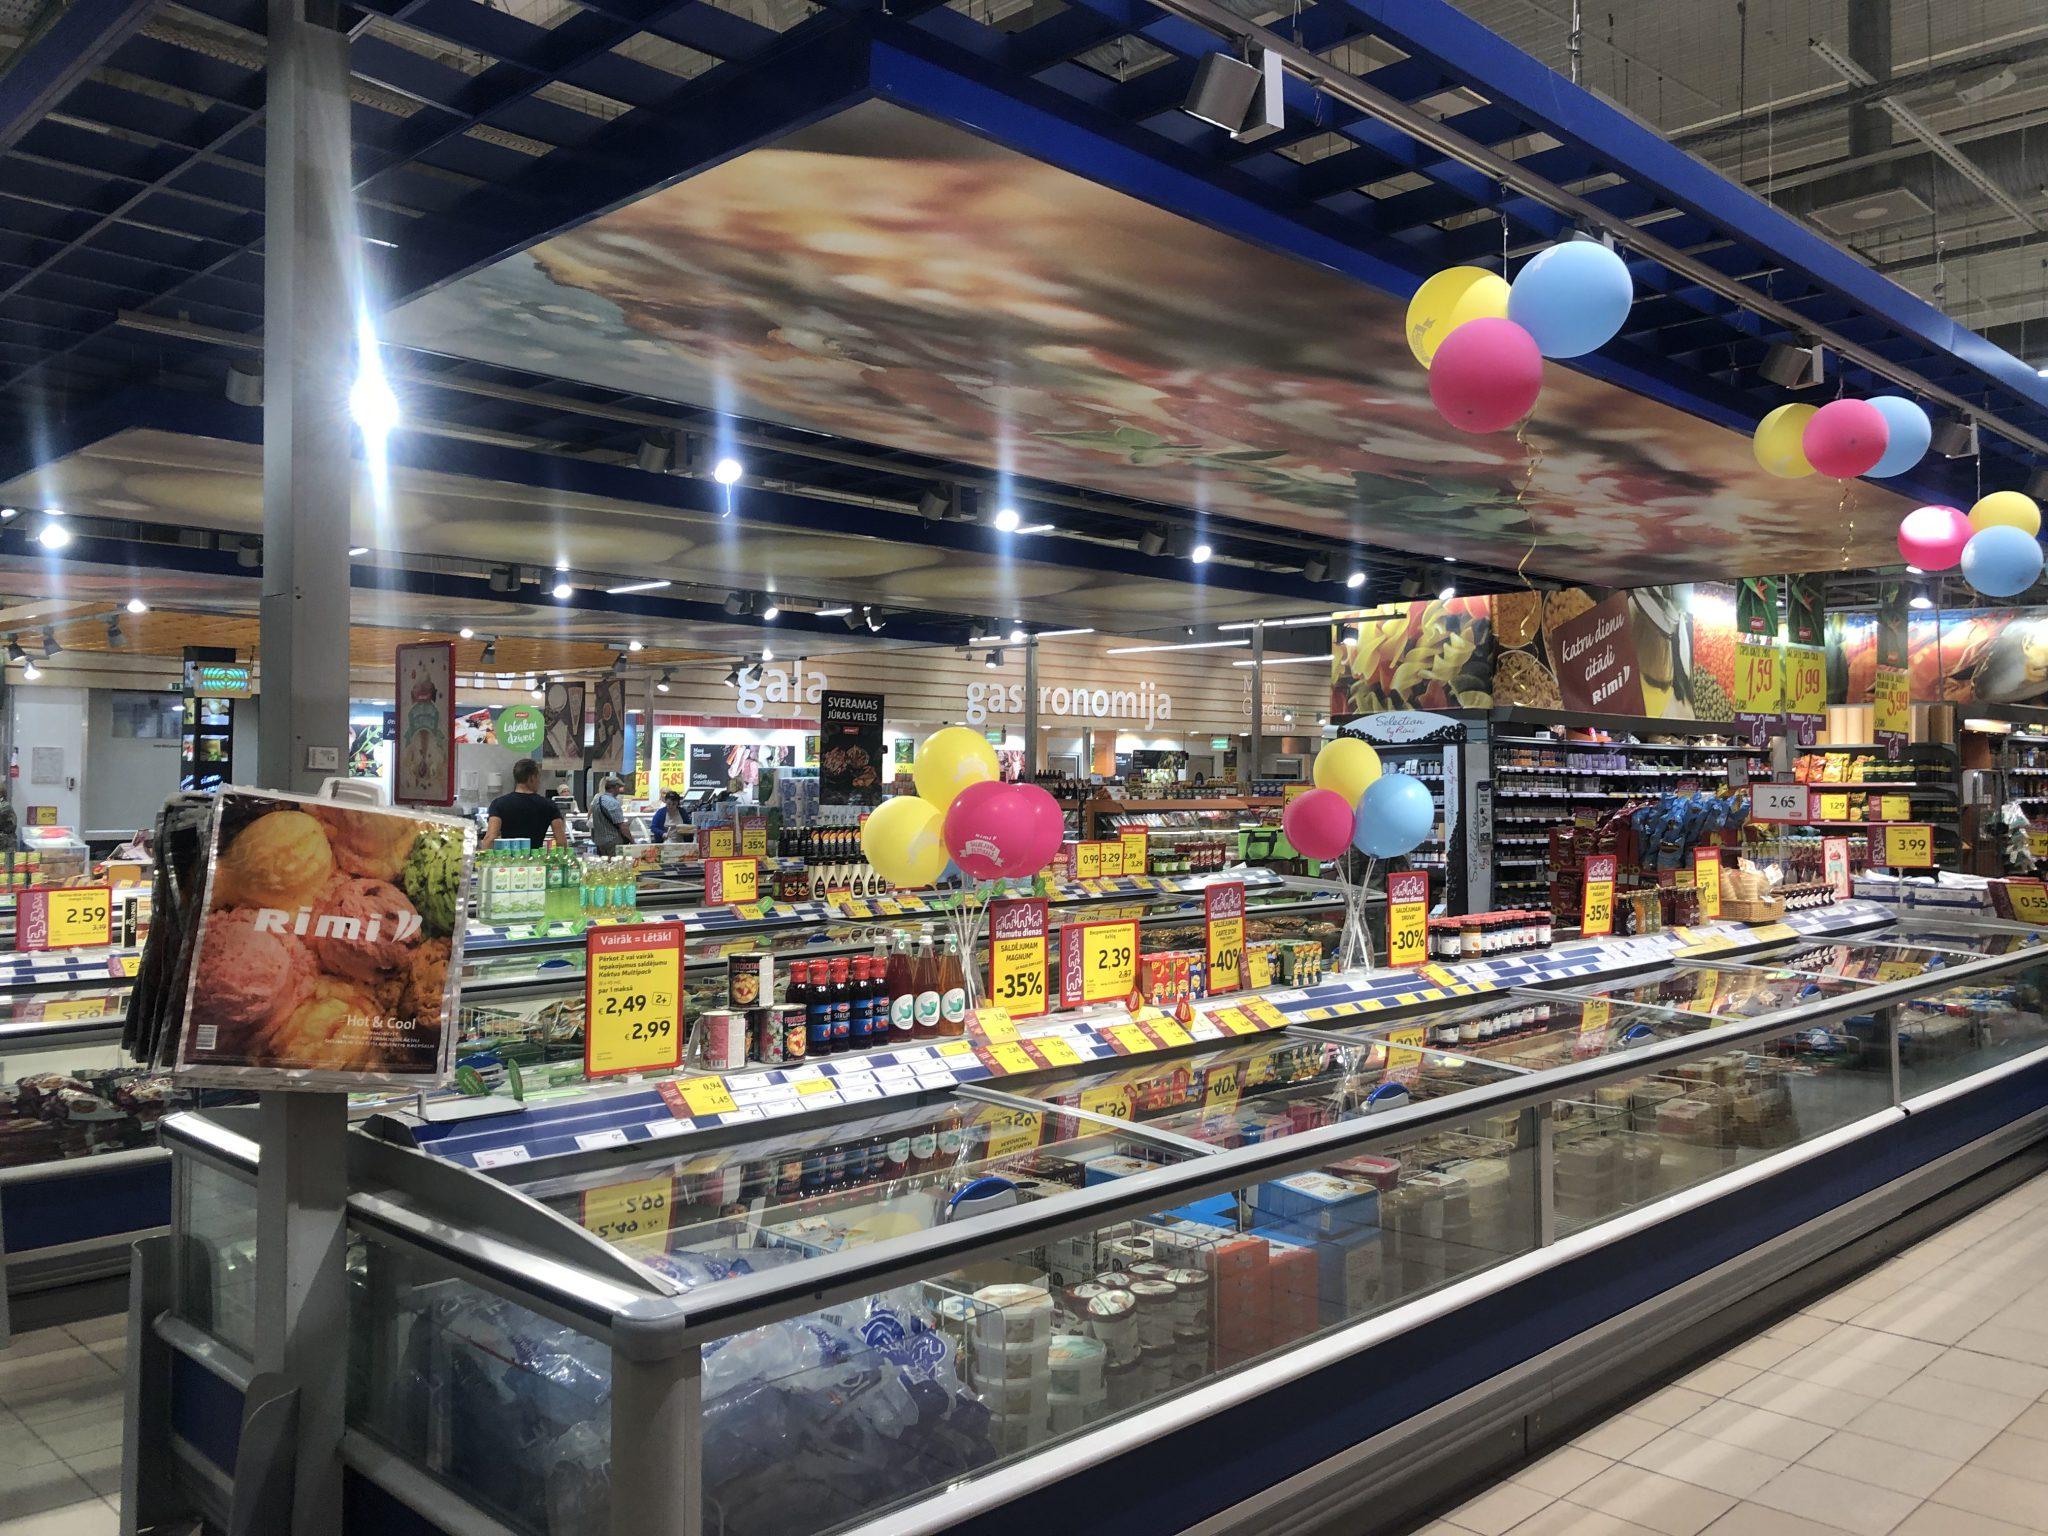 Überangebot an Waren im Rimi Supermarkt in Lettland